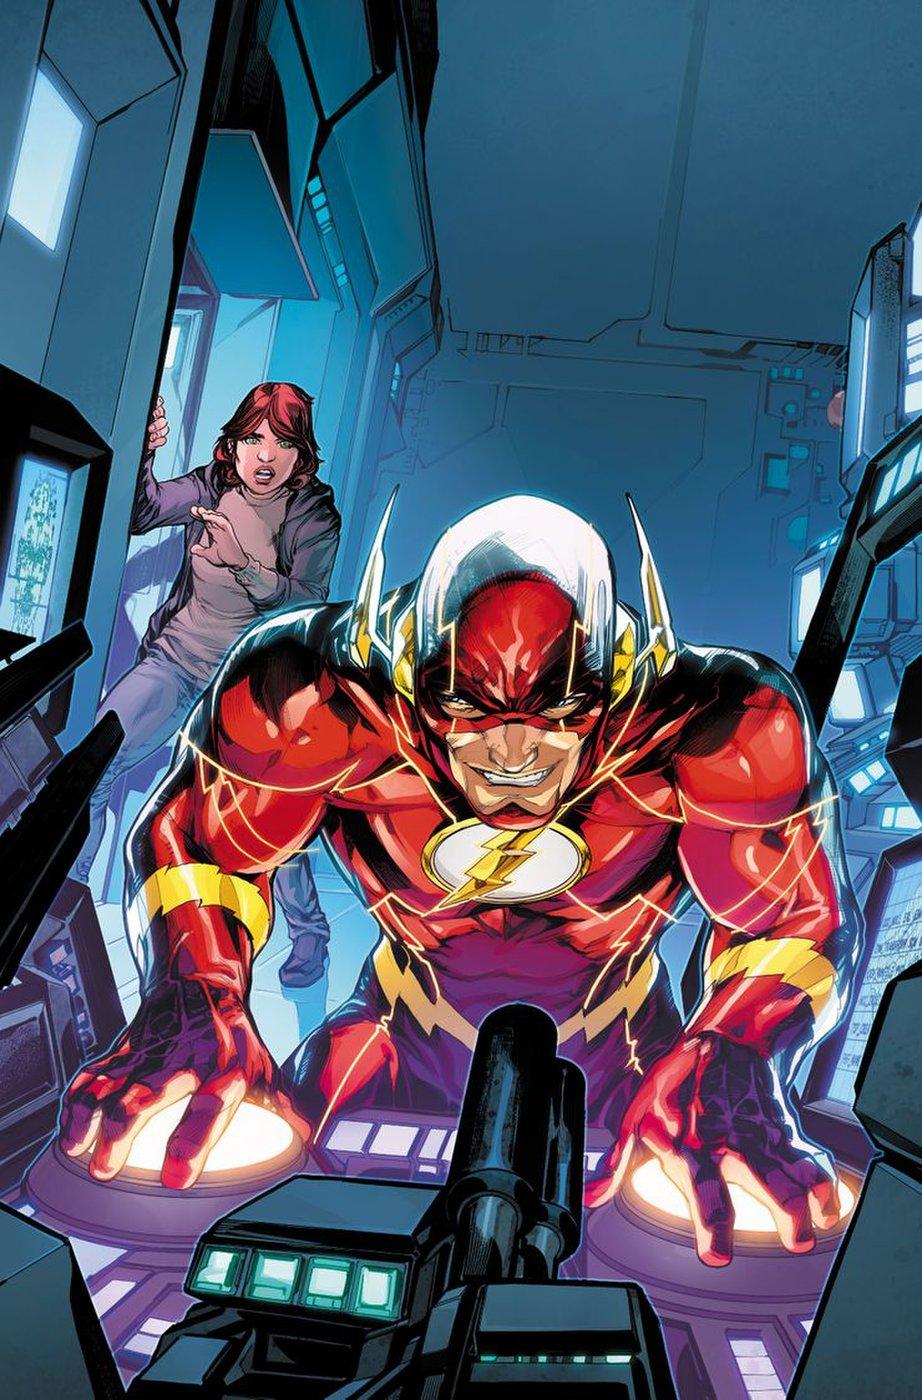 DC annonce Finish Line, dernier arc de Williamson sur Flash 4